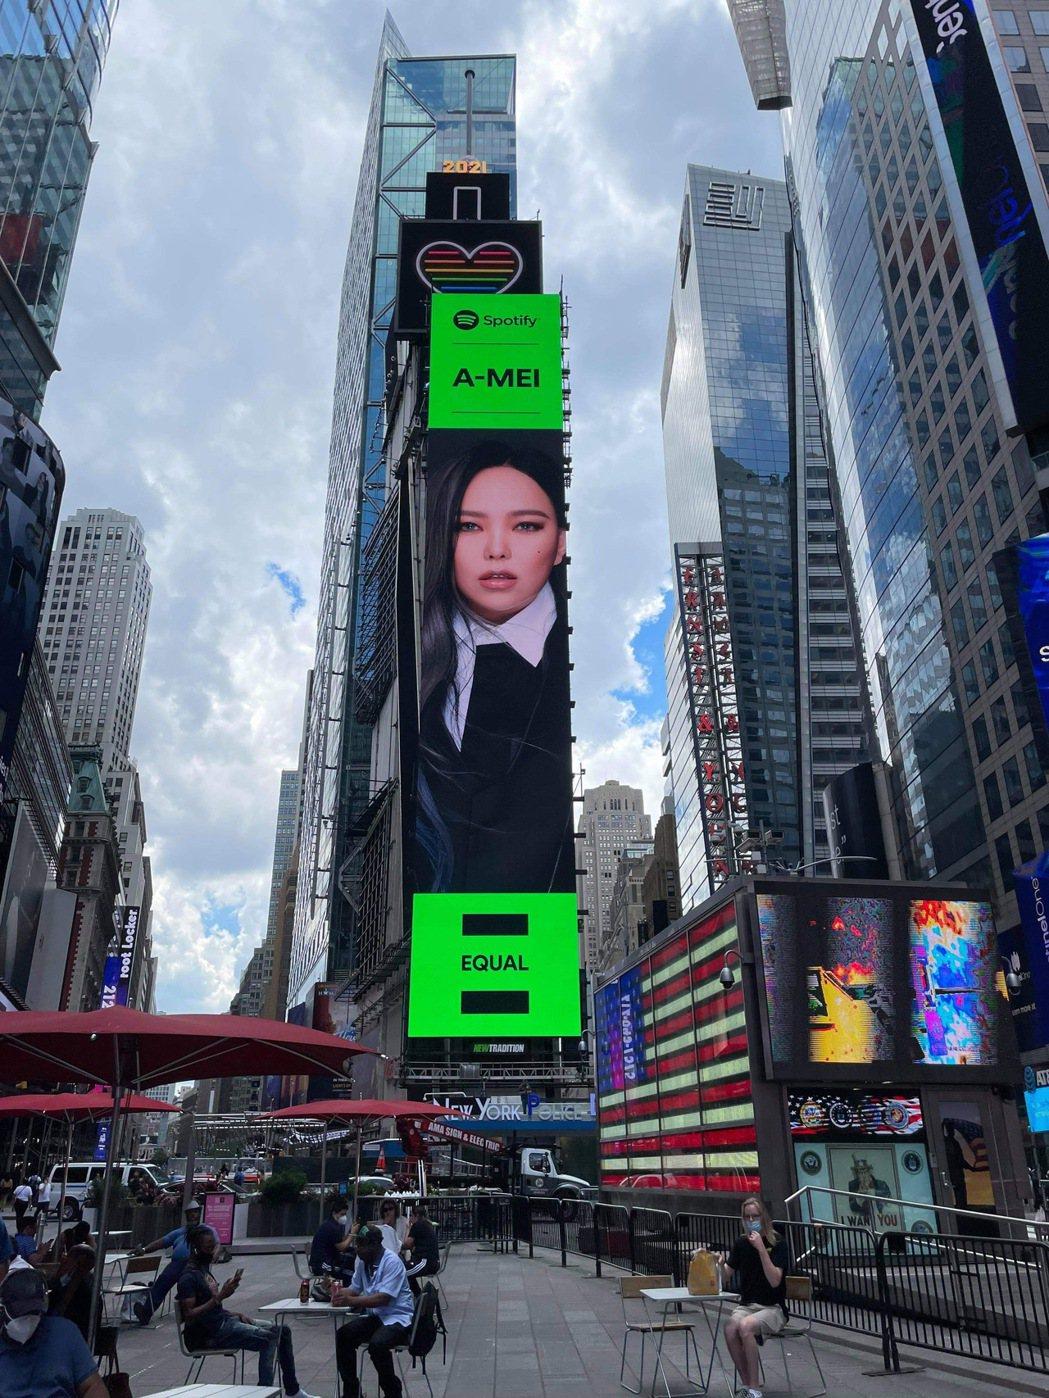 張惠妹躍上美國紐約時代廣場的巨型LED屏幕,替女性平權發聲。圖/EMI提供